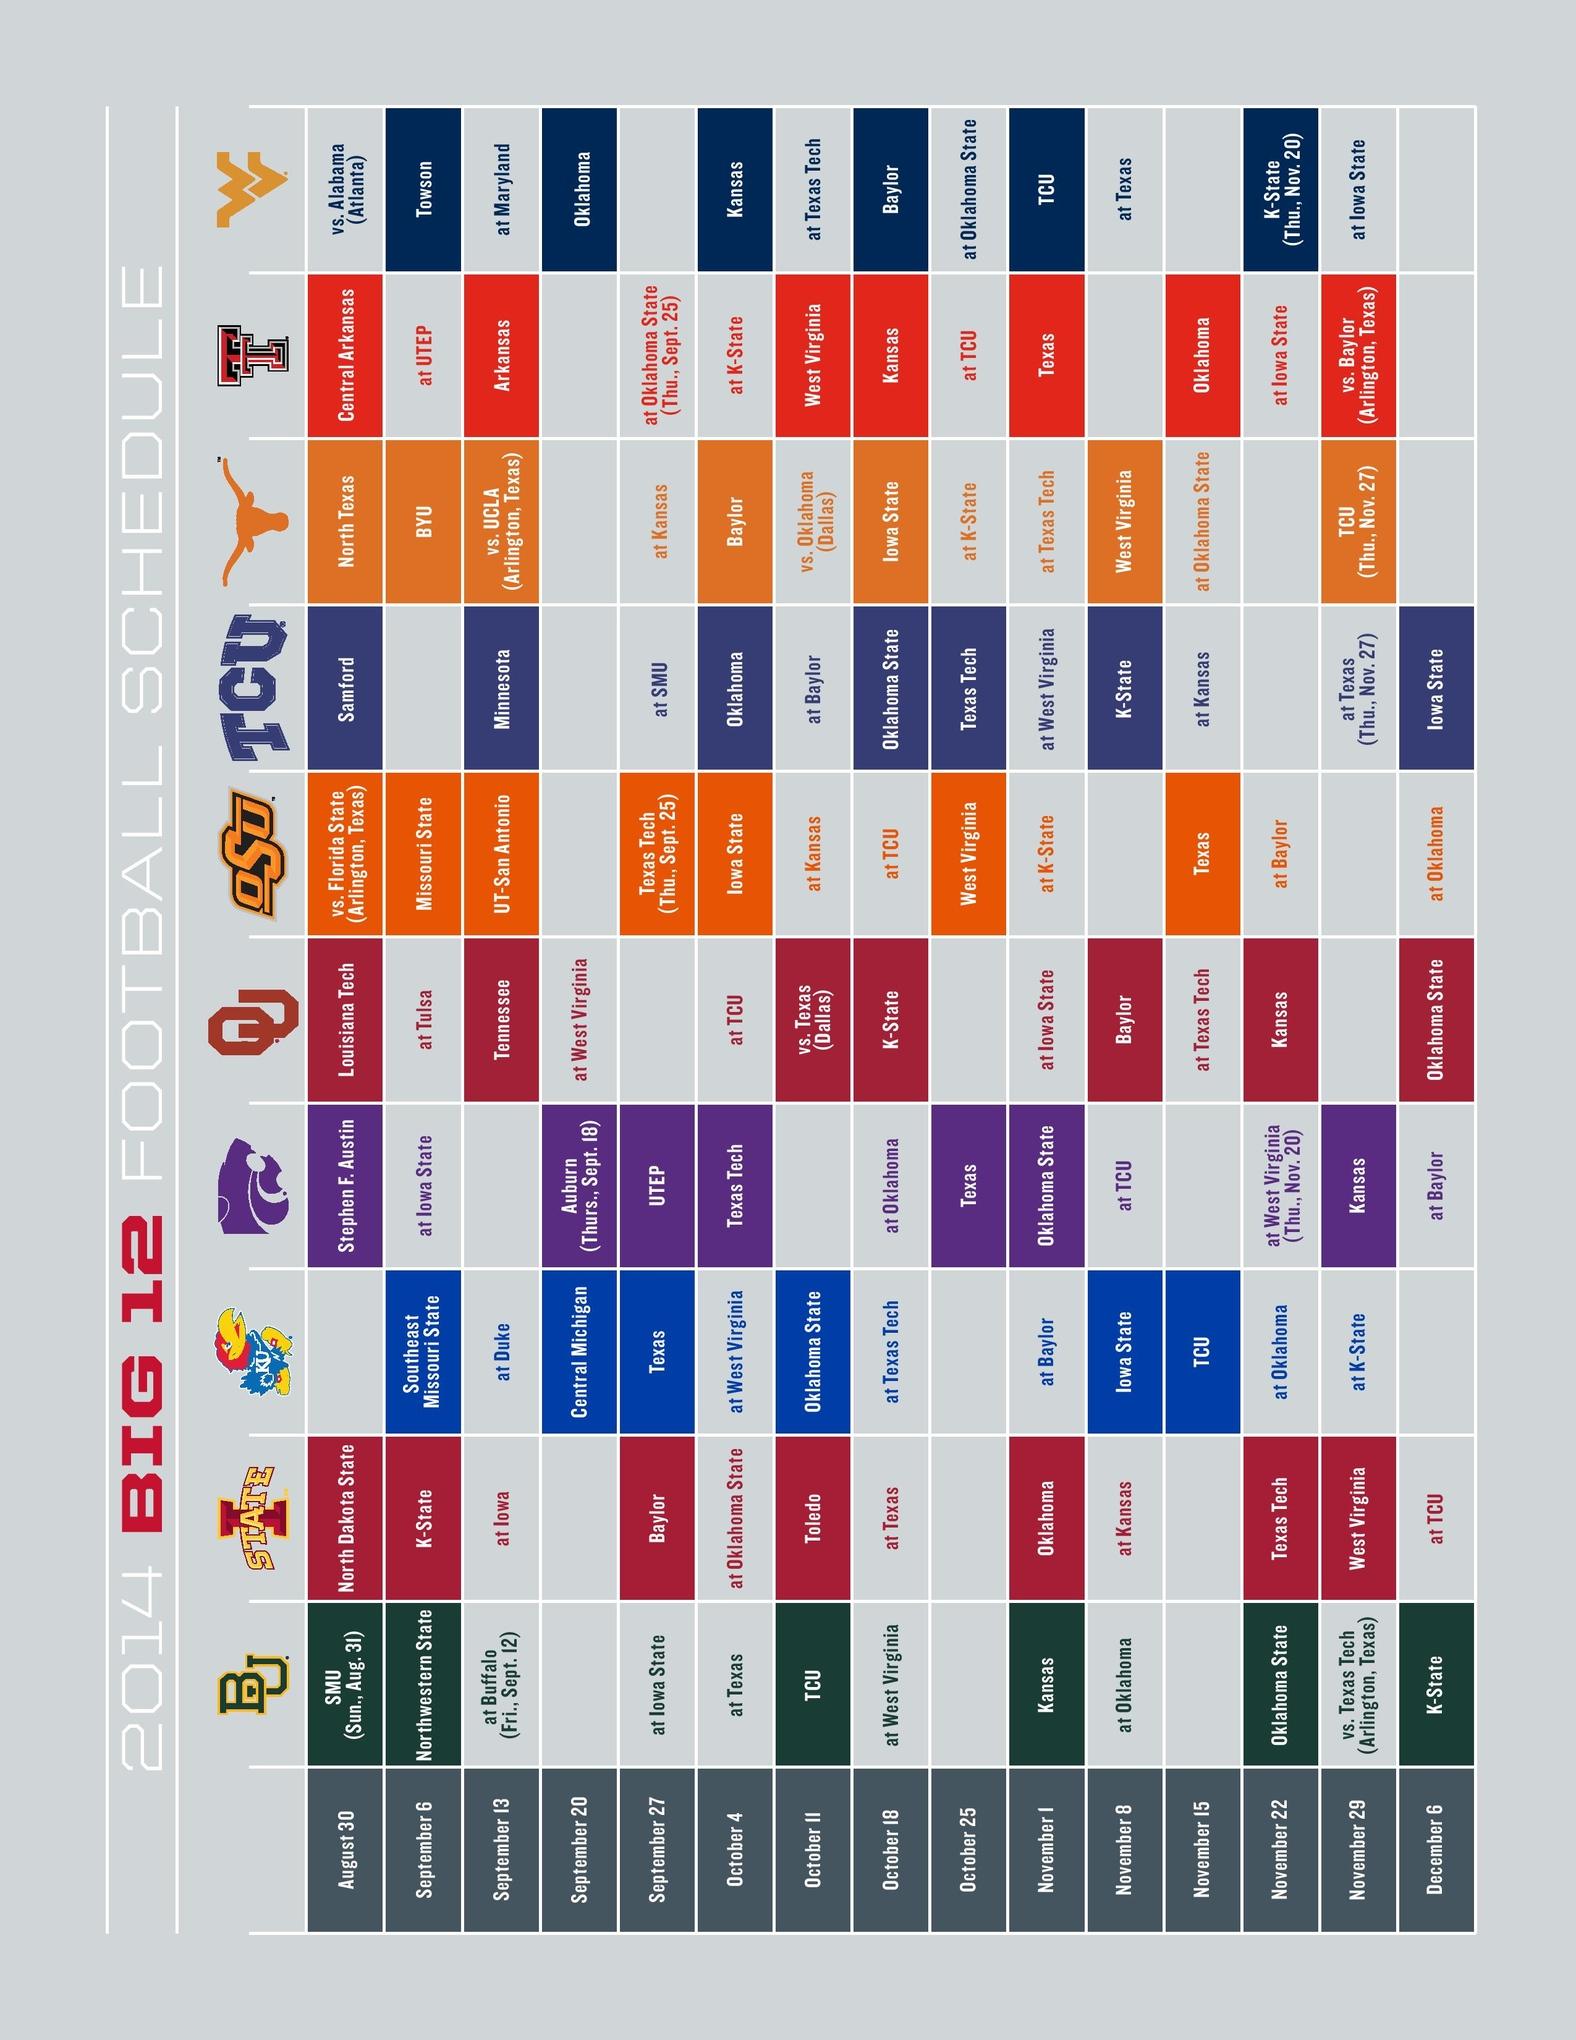 tcu football schedule 2015 meet the players minecraft